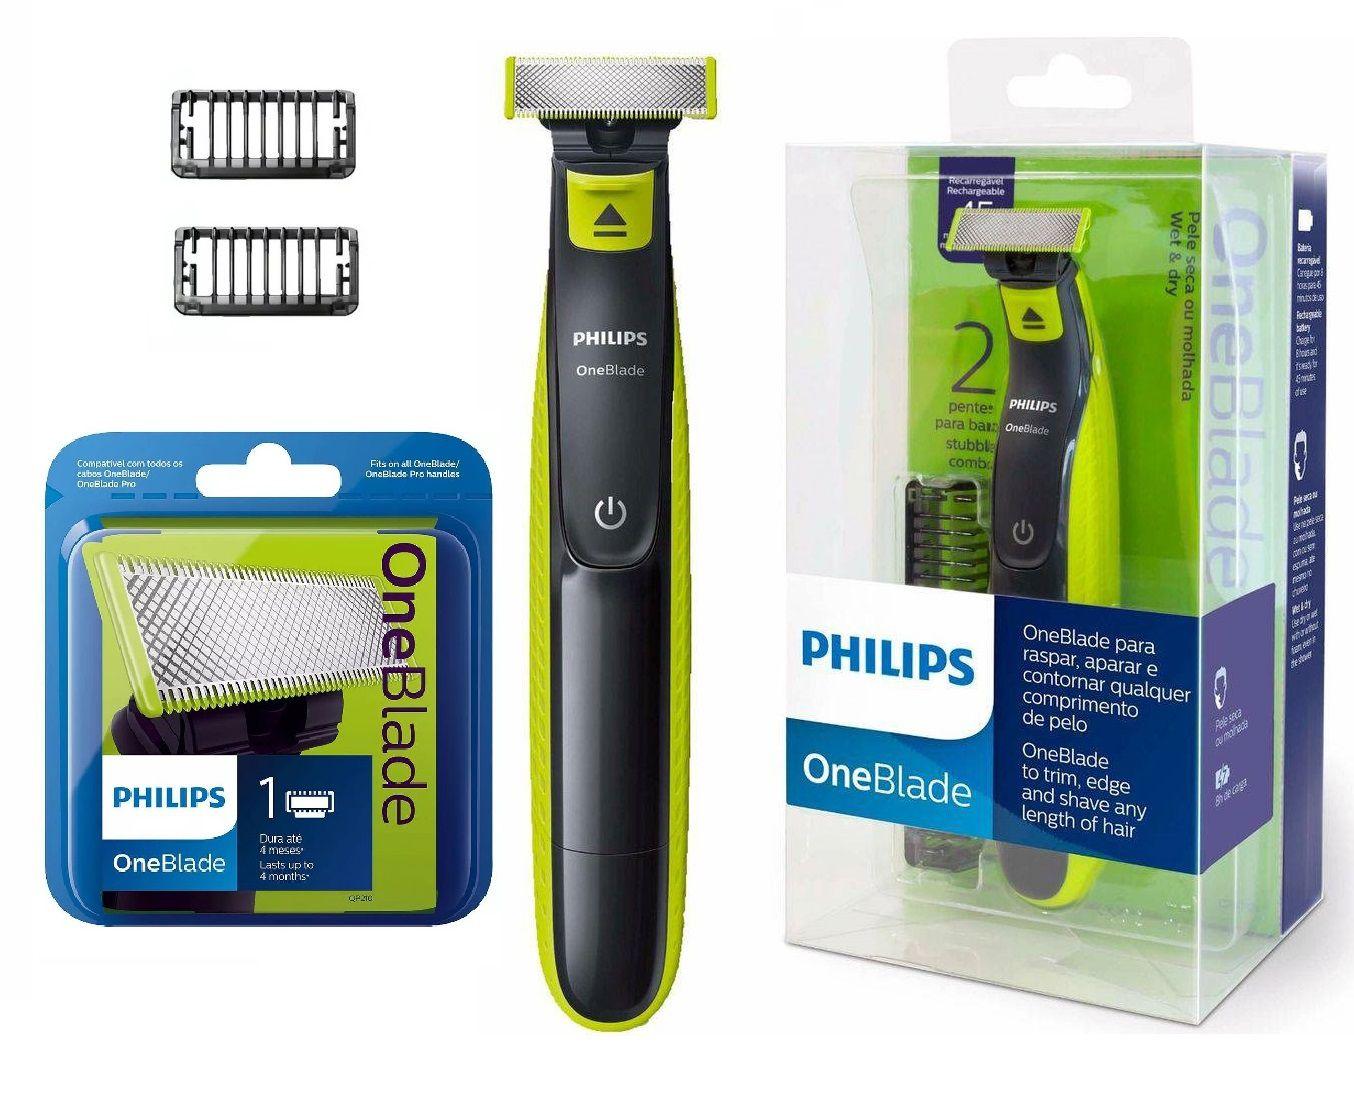 Kit Barbeador Aparador Elétrico Philips One Blade QP2521 + Refil